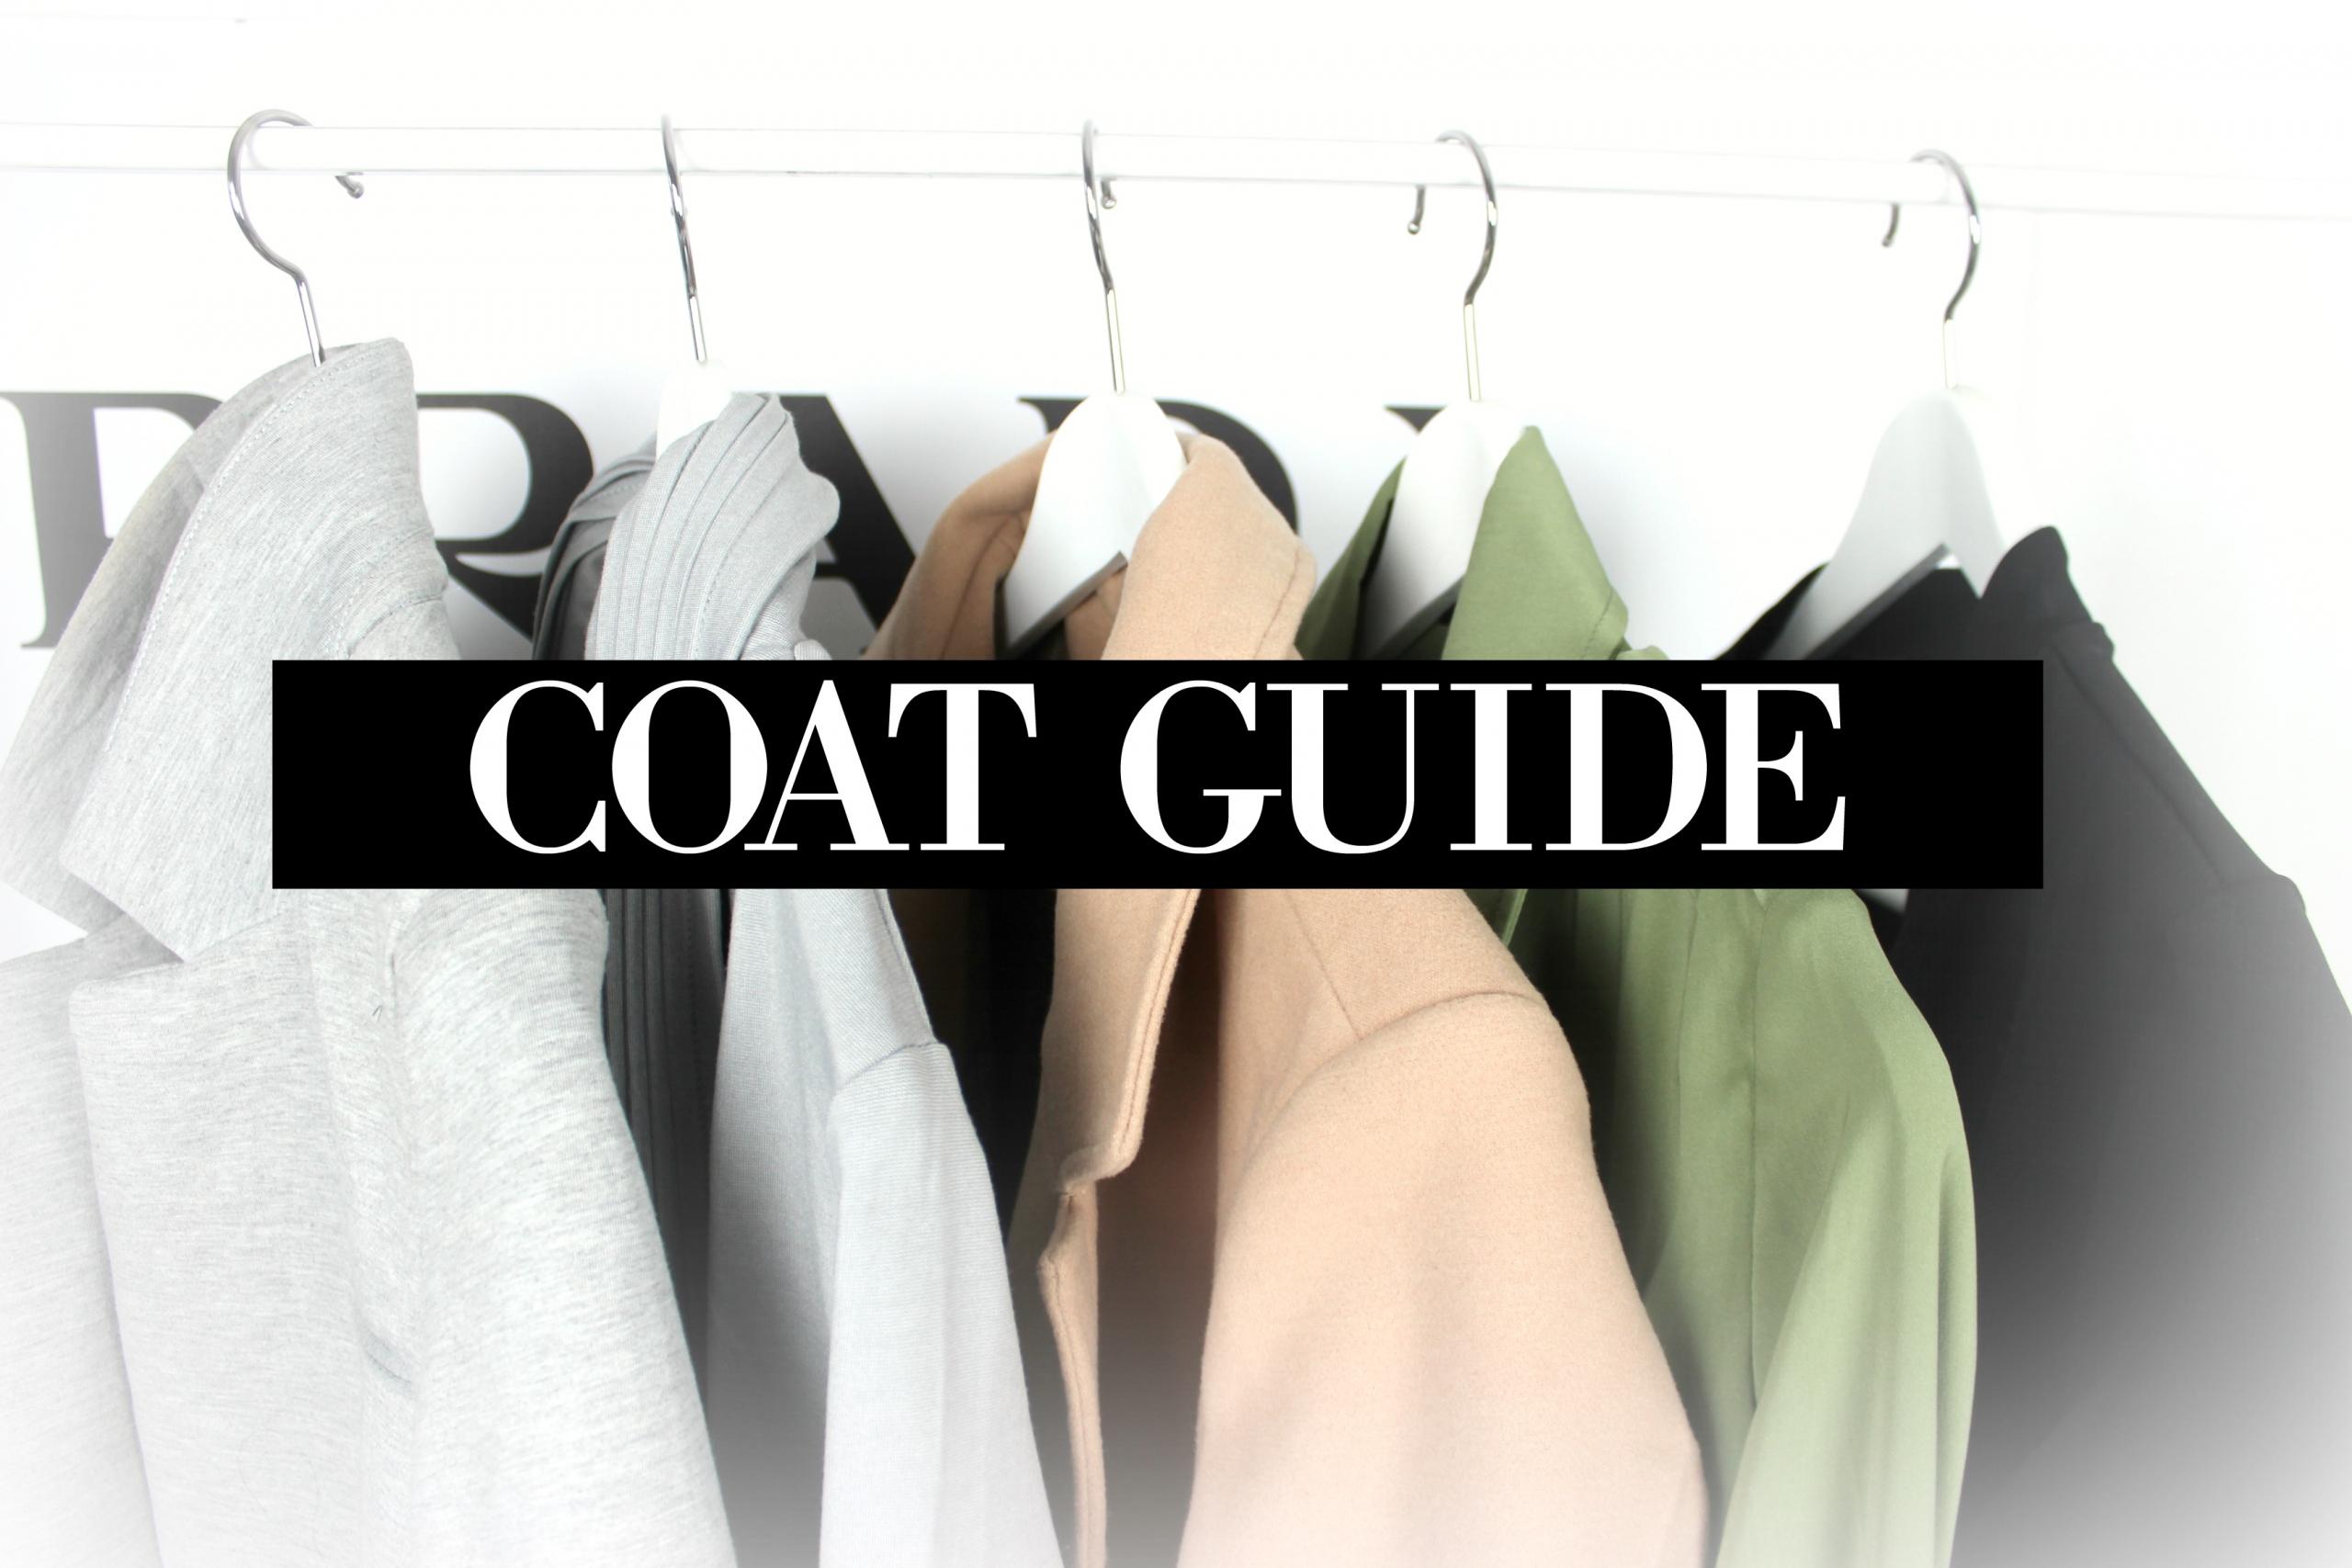 coat guide